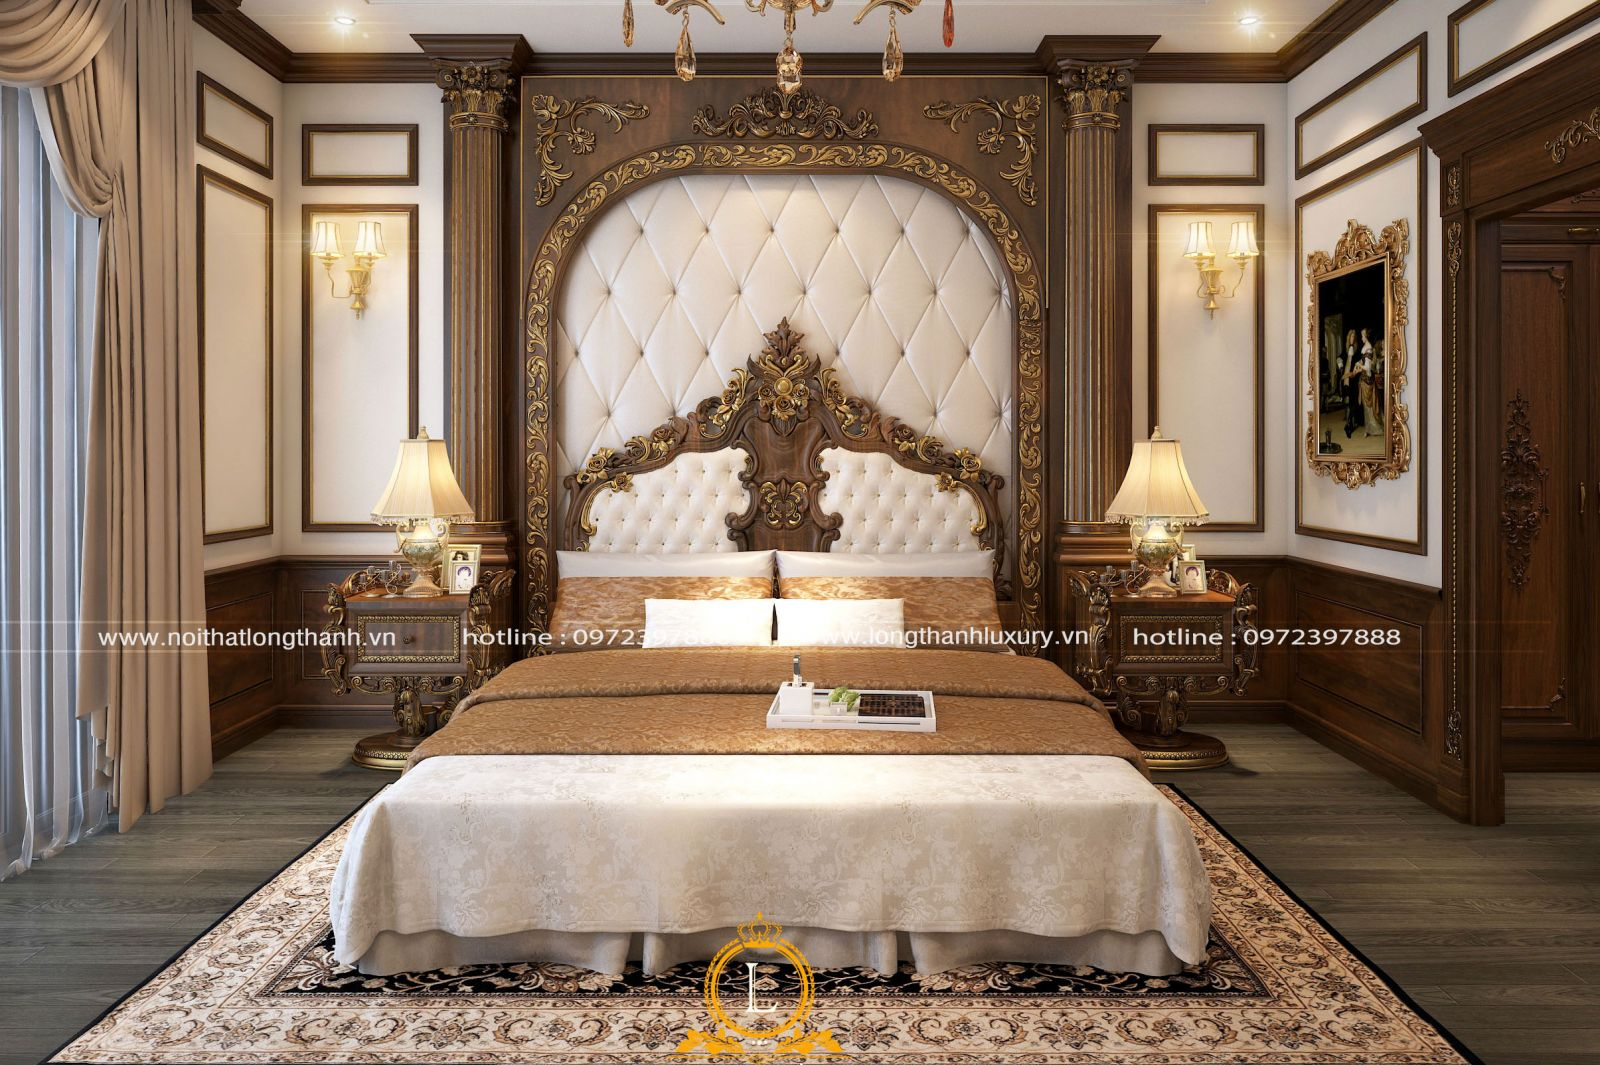 Phòng ngủ hoàng gia tân cổ điển